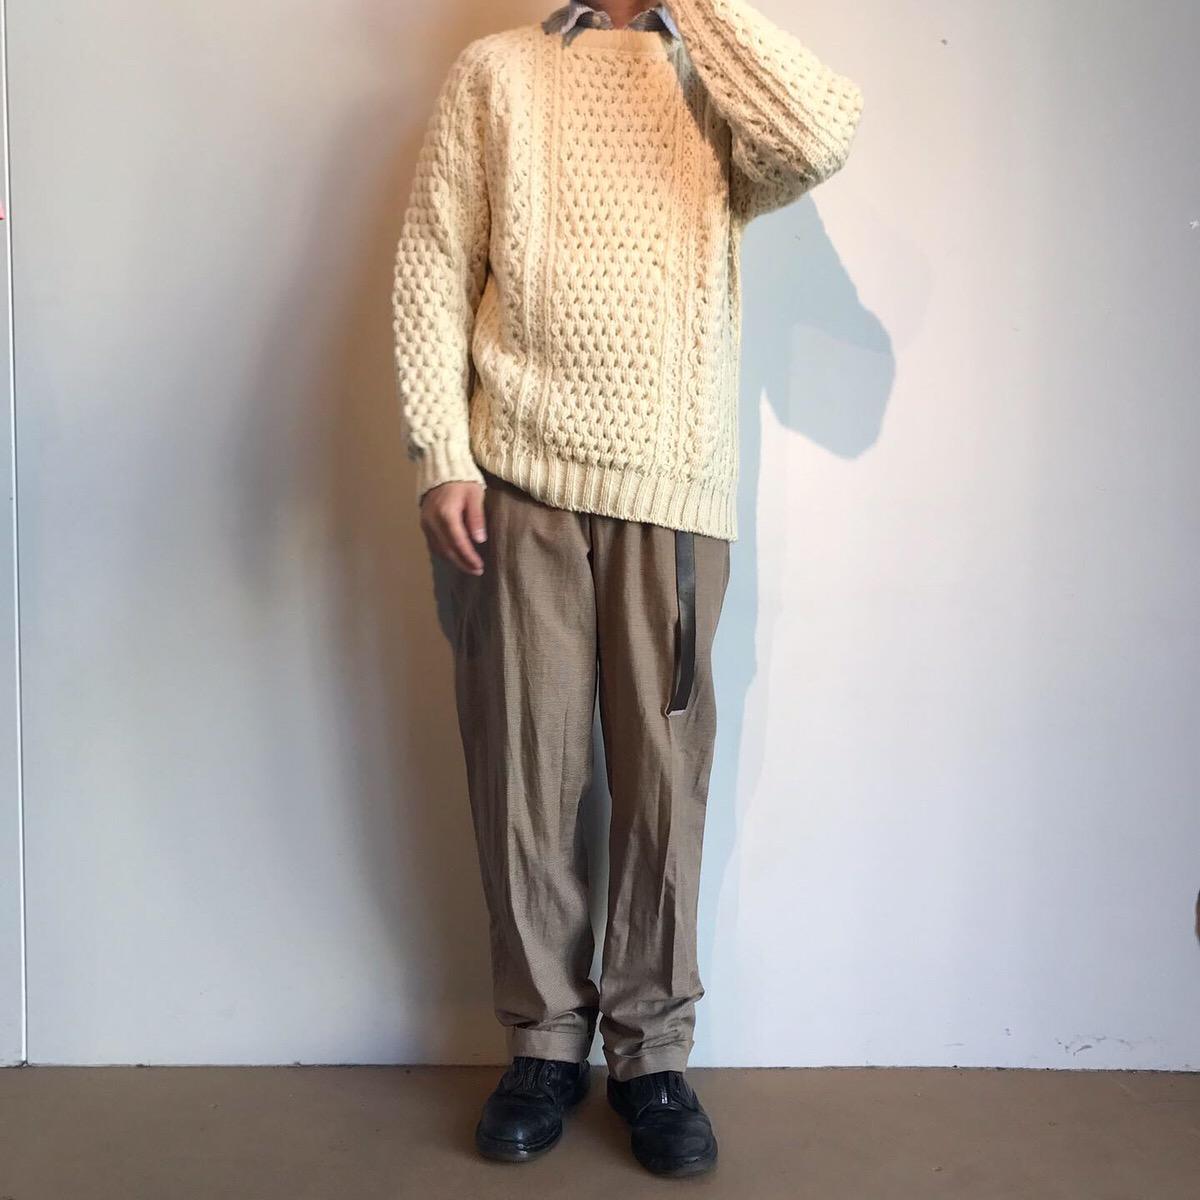 ウールのセーターで暖かく好印象なコーデ